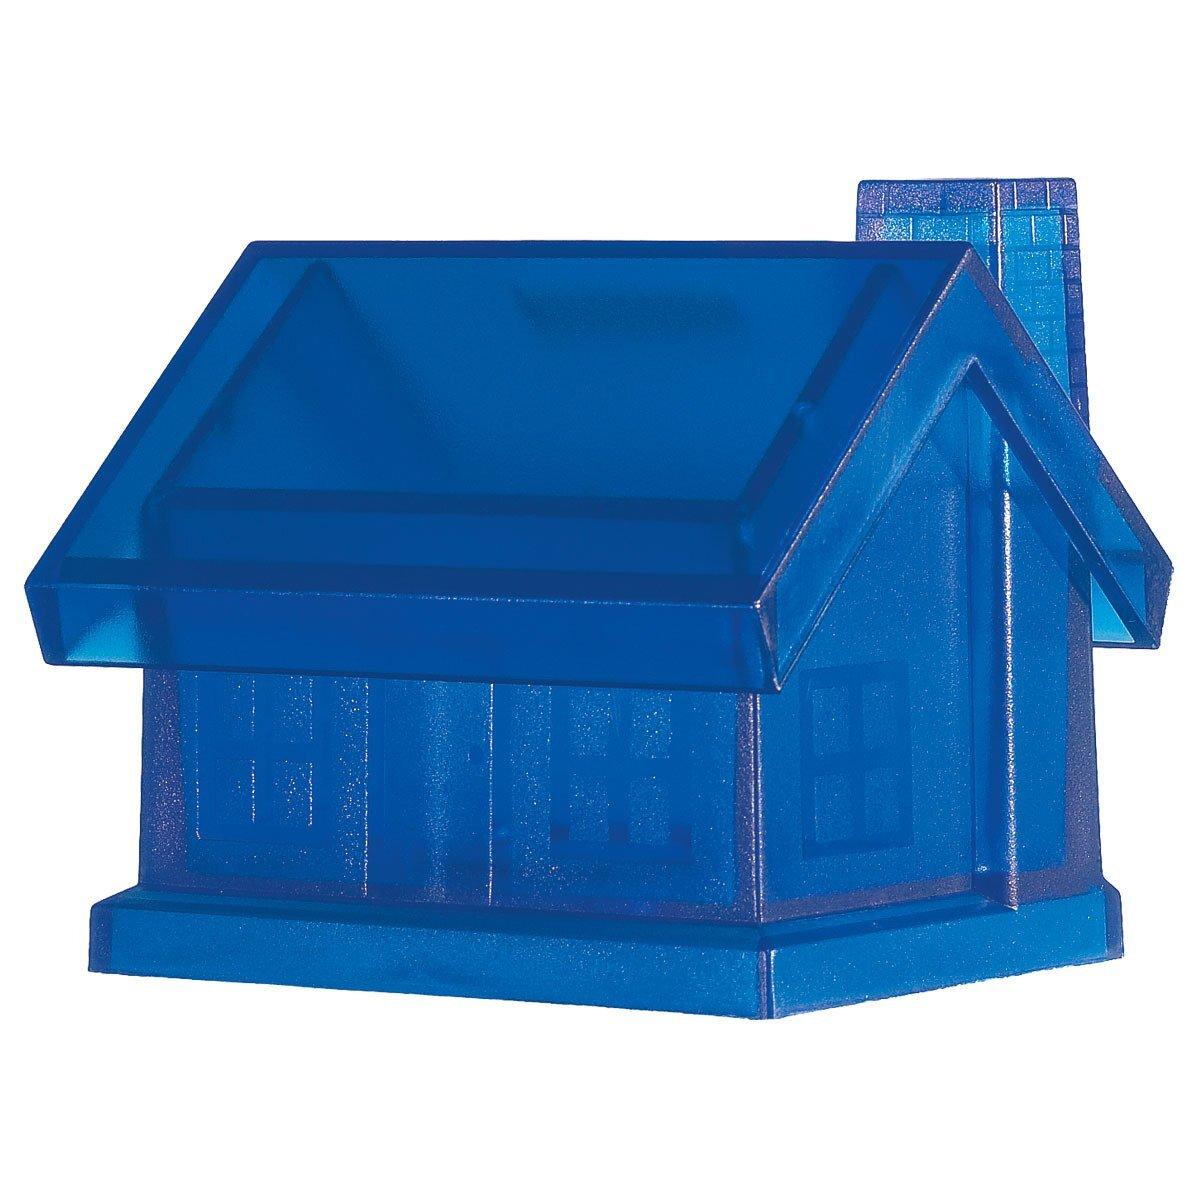 Plastic House Shape Bank